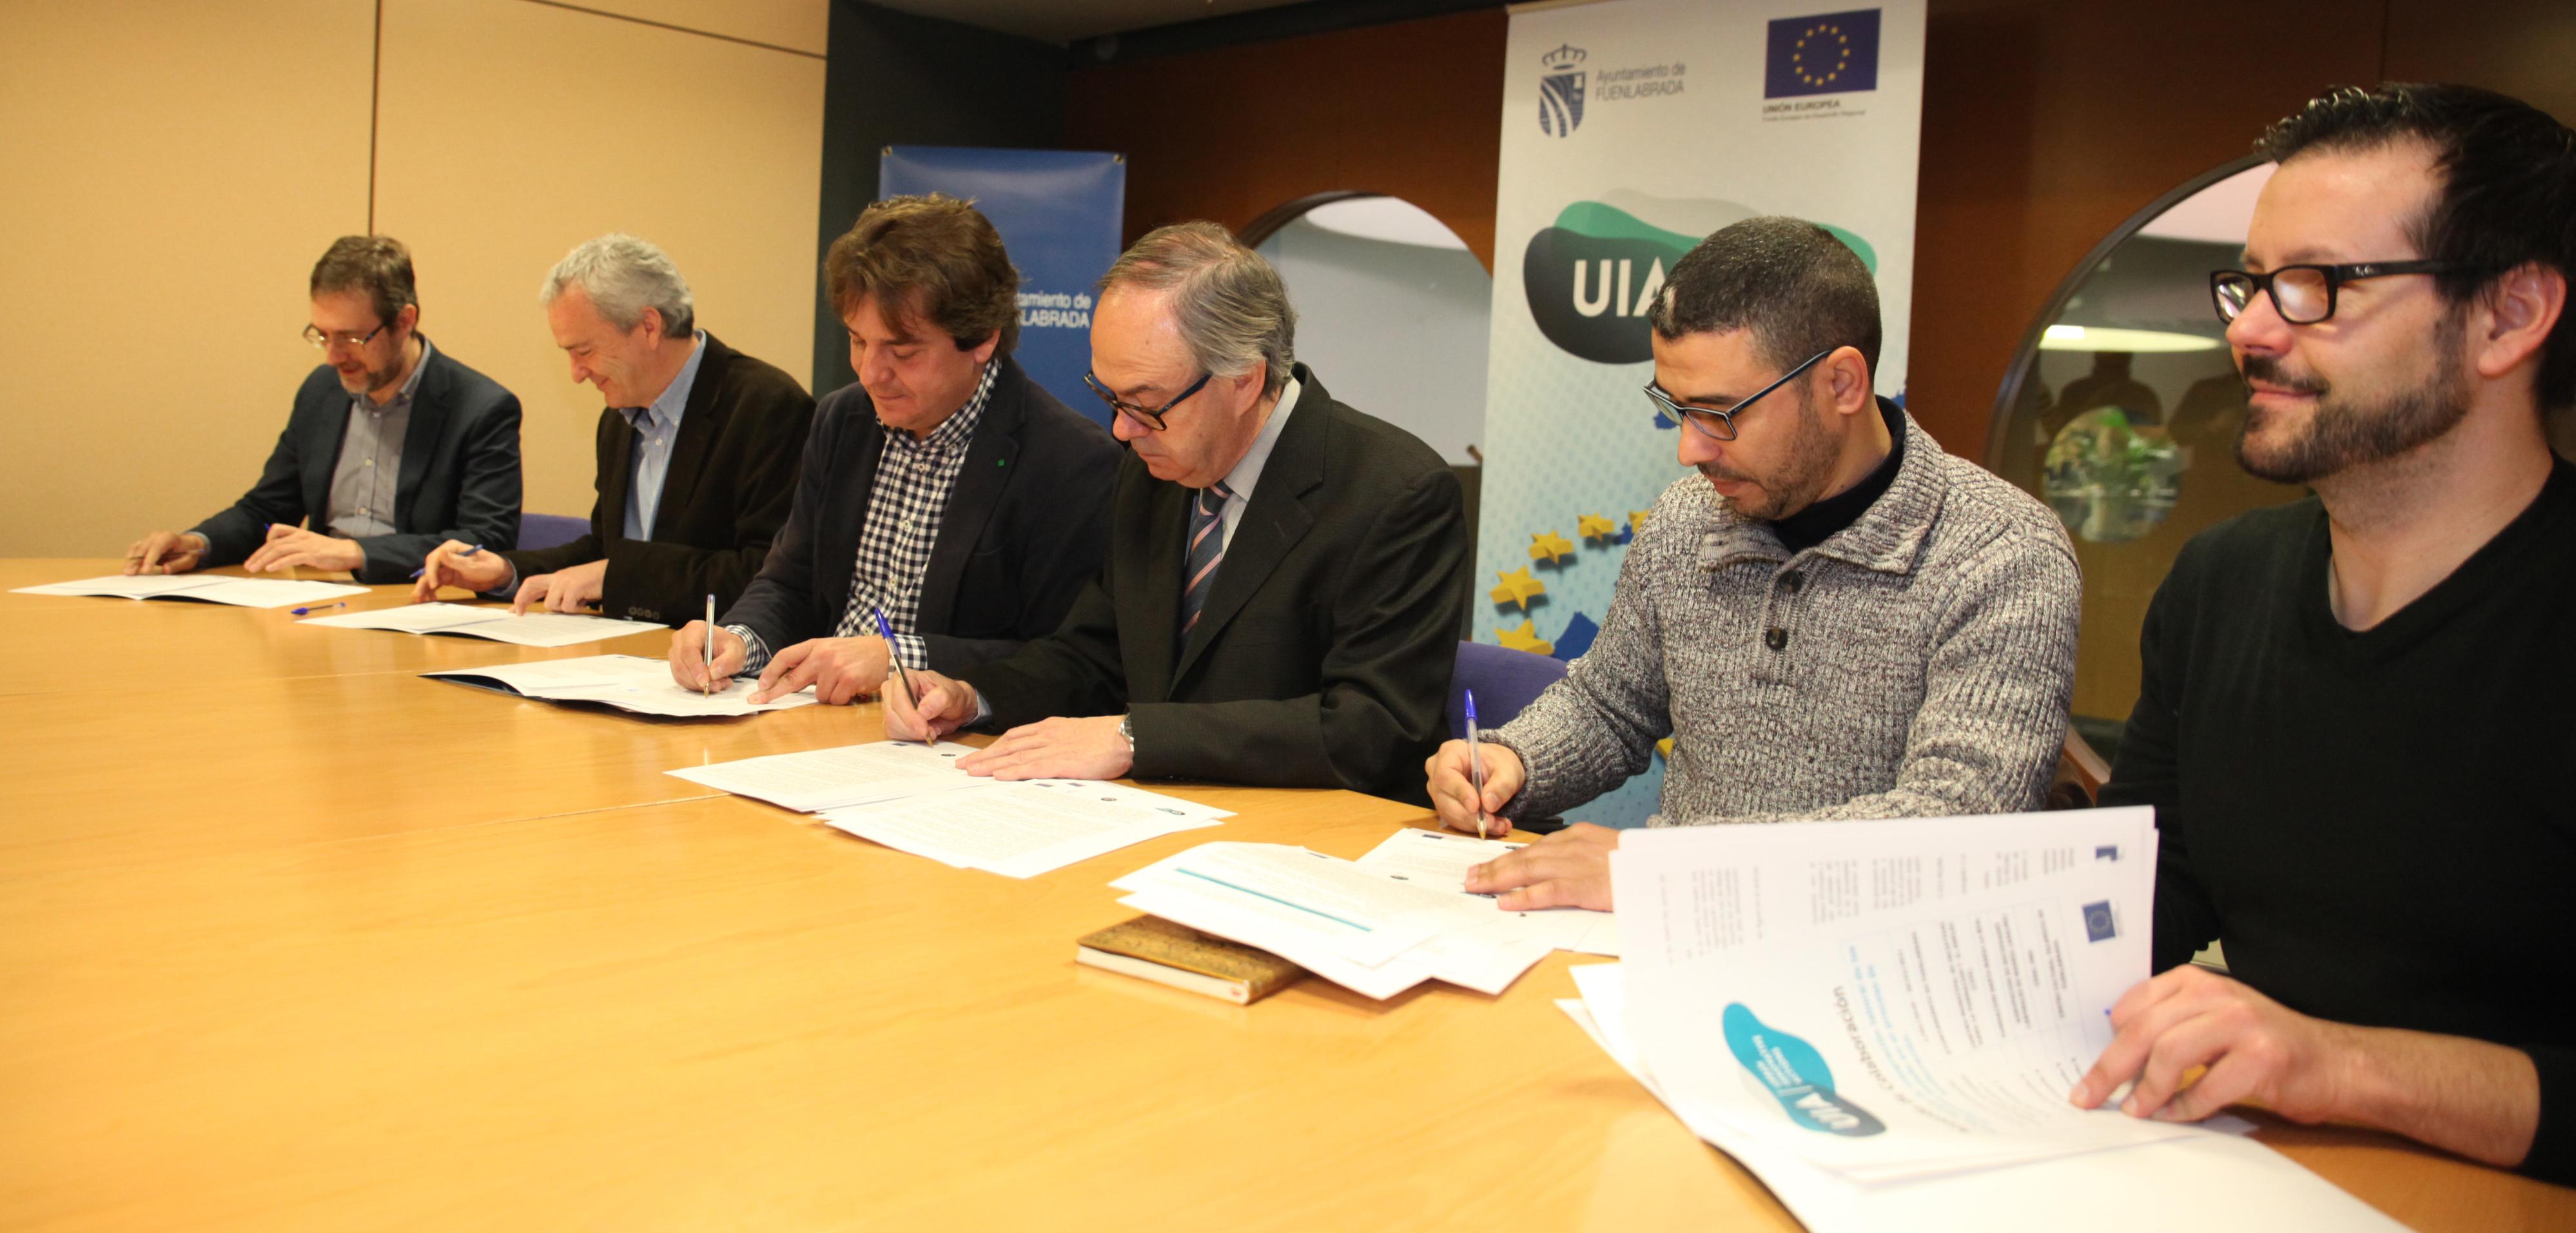 Nuevo proyecto europeo de empleo en Fuenlabrada